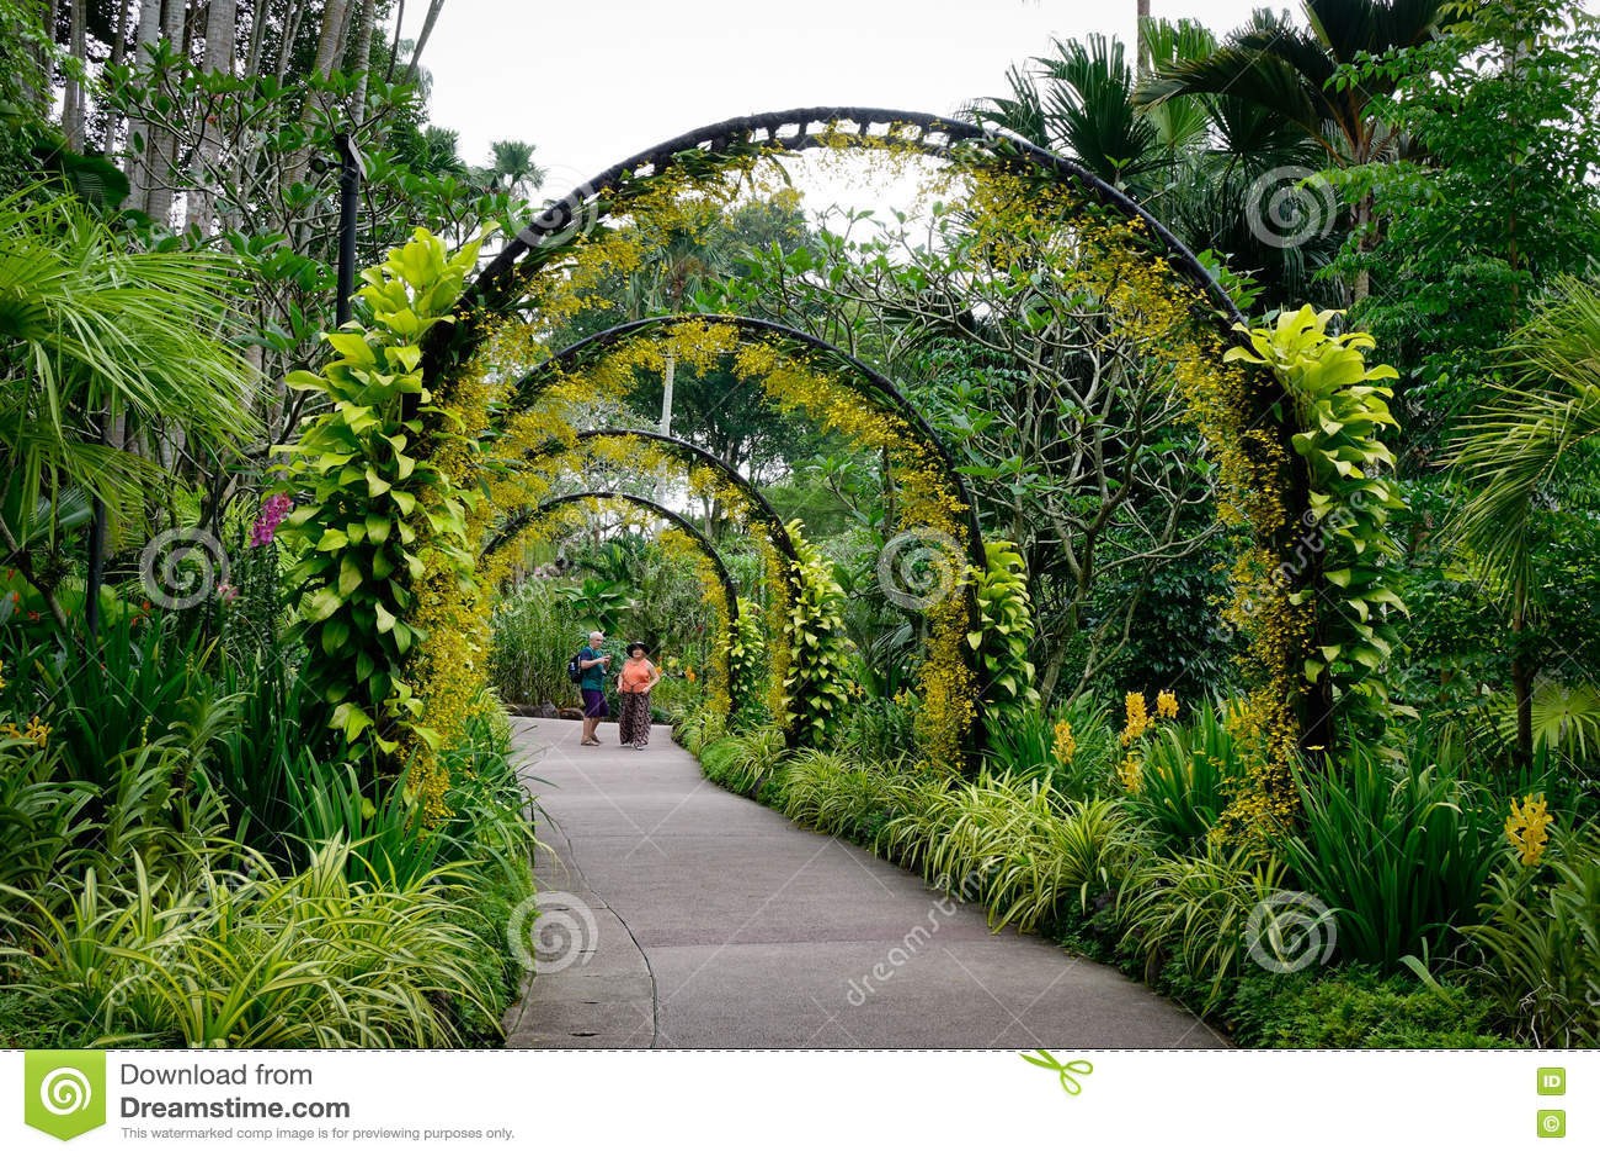 Jardin d 39 orchid e de visite de personnes au jardin for Jardin botanique singapour